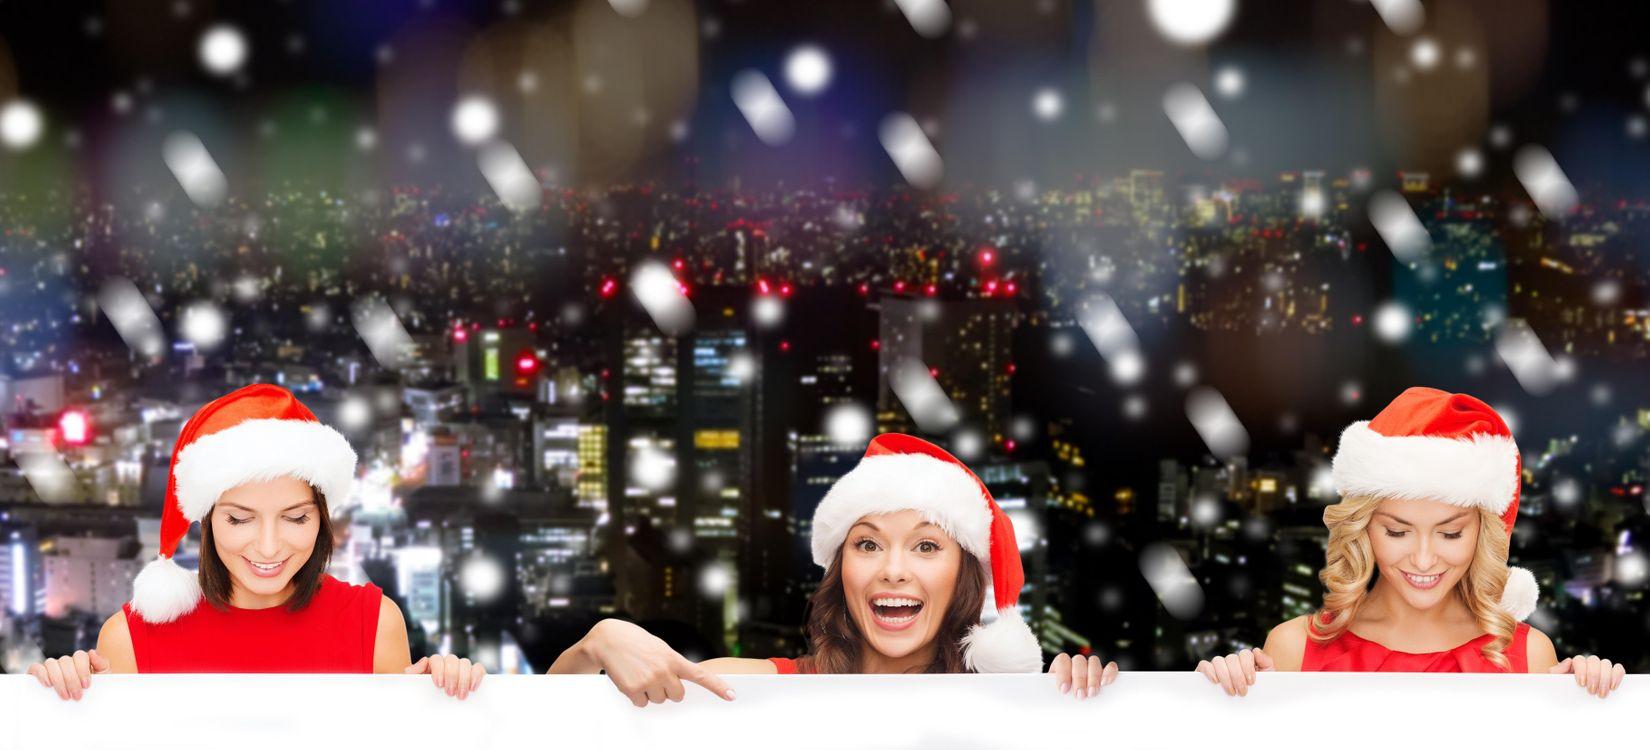 Фото бесплатно Новогодняя девушка, настроение, макияж - на рабочий стол